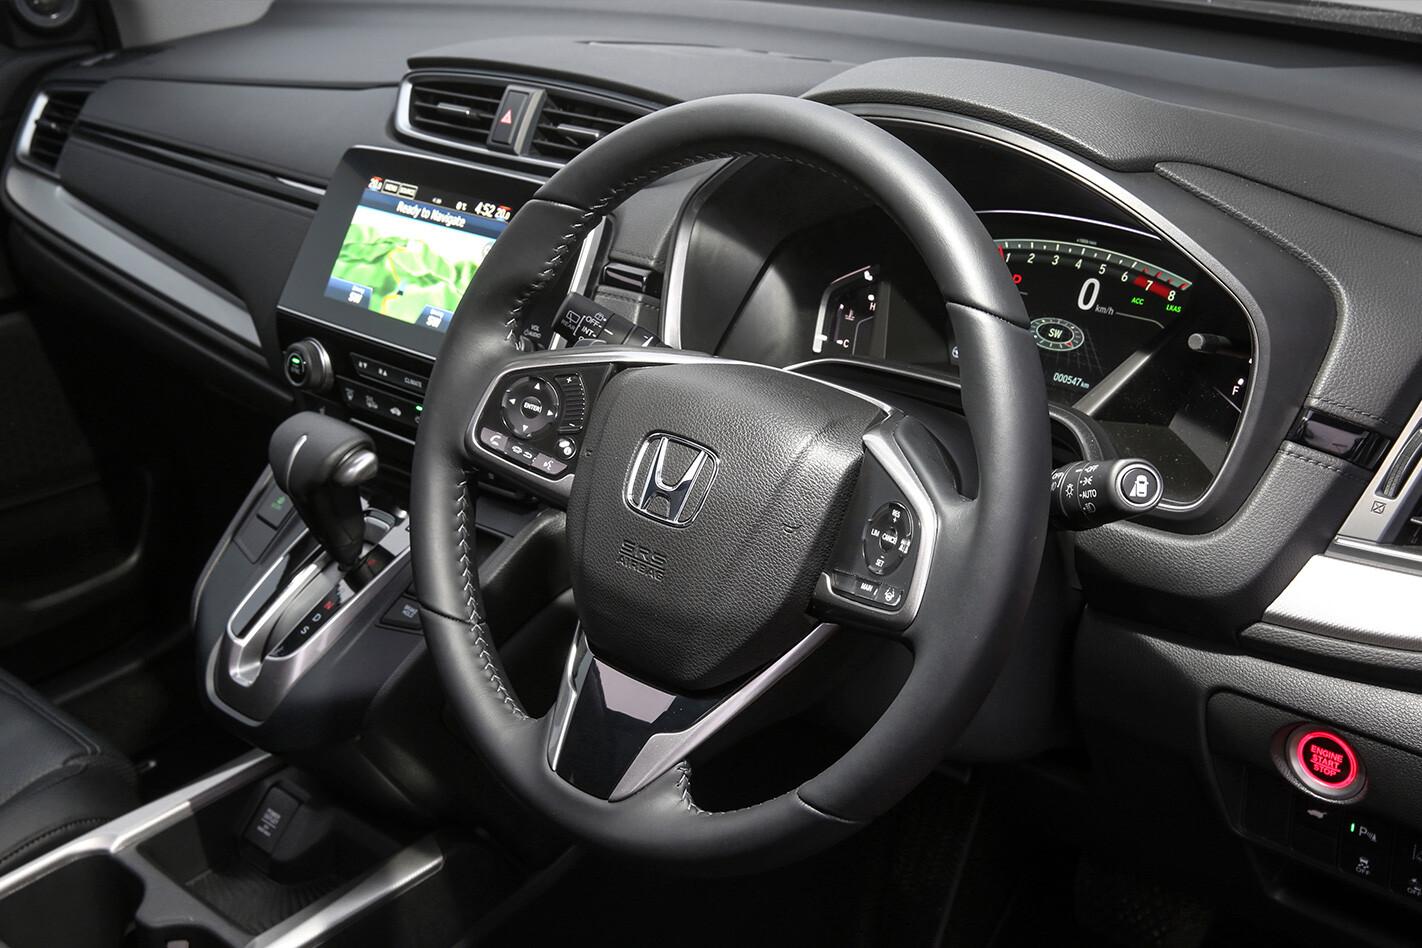 Honda Crv Interior Jpg